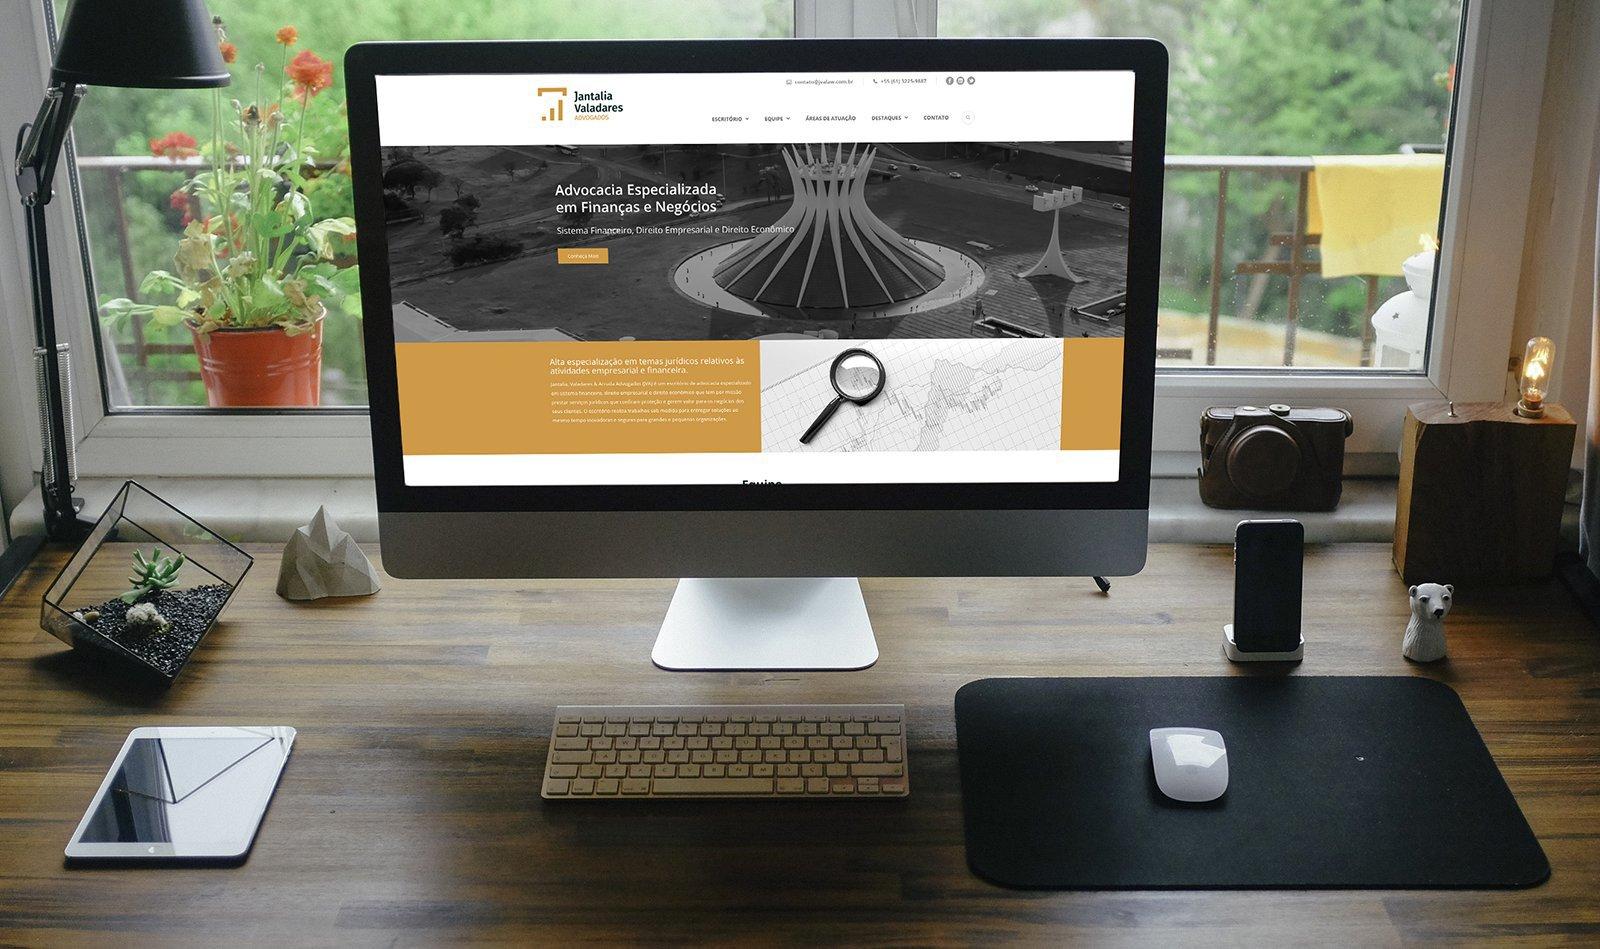 Jantalia & Valadares Advogados. Nova comunicação digital criada pela agência D2A Digital Agency